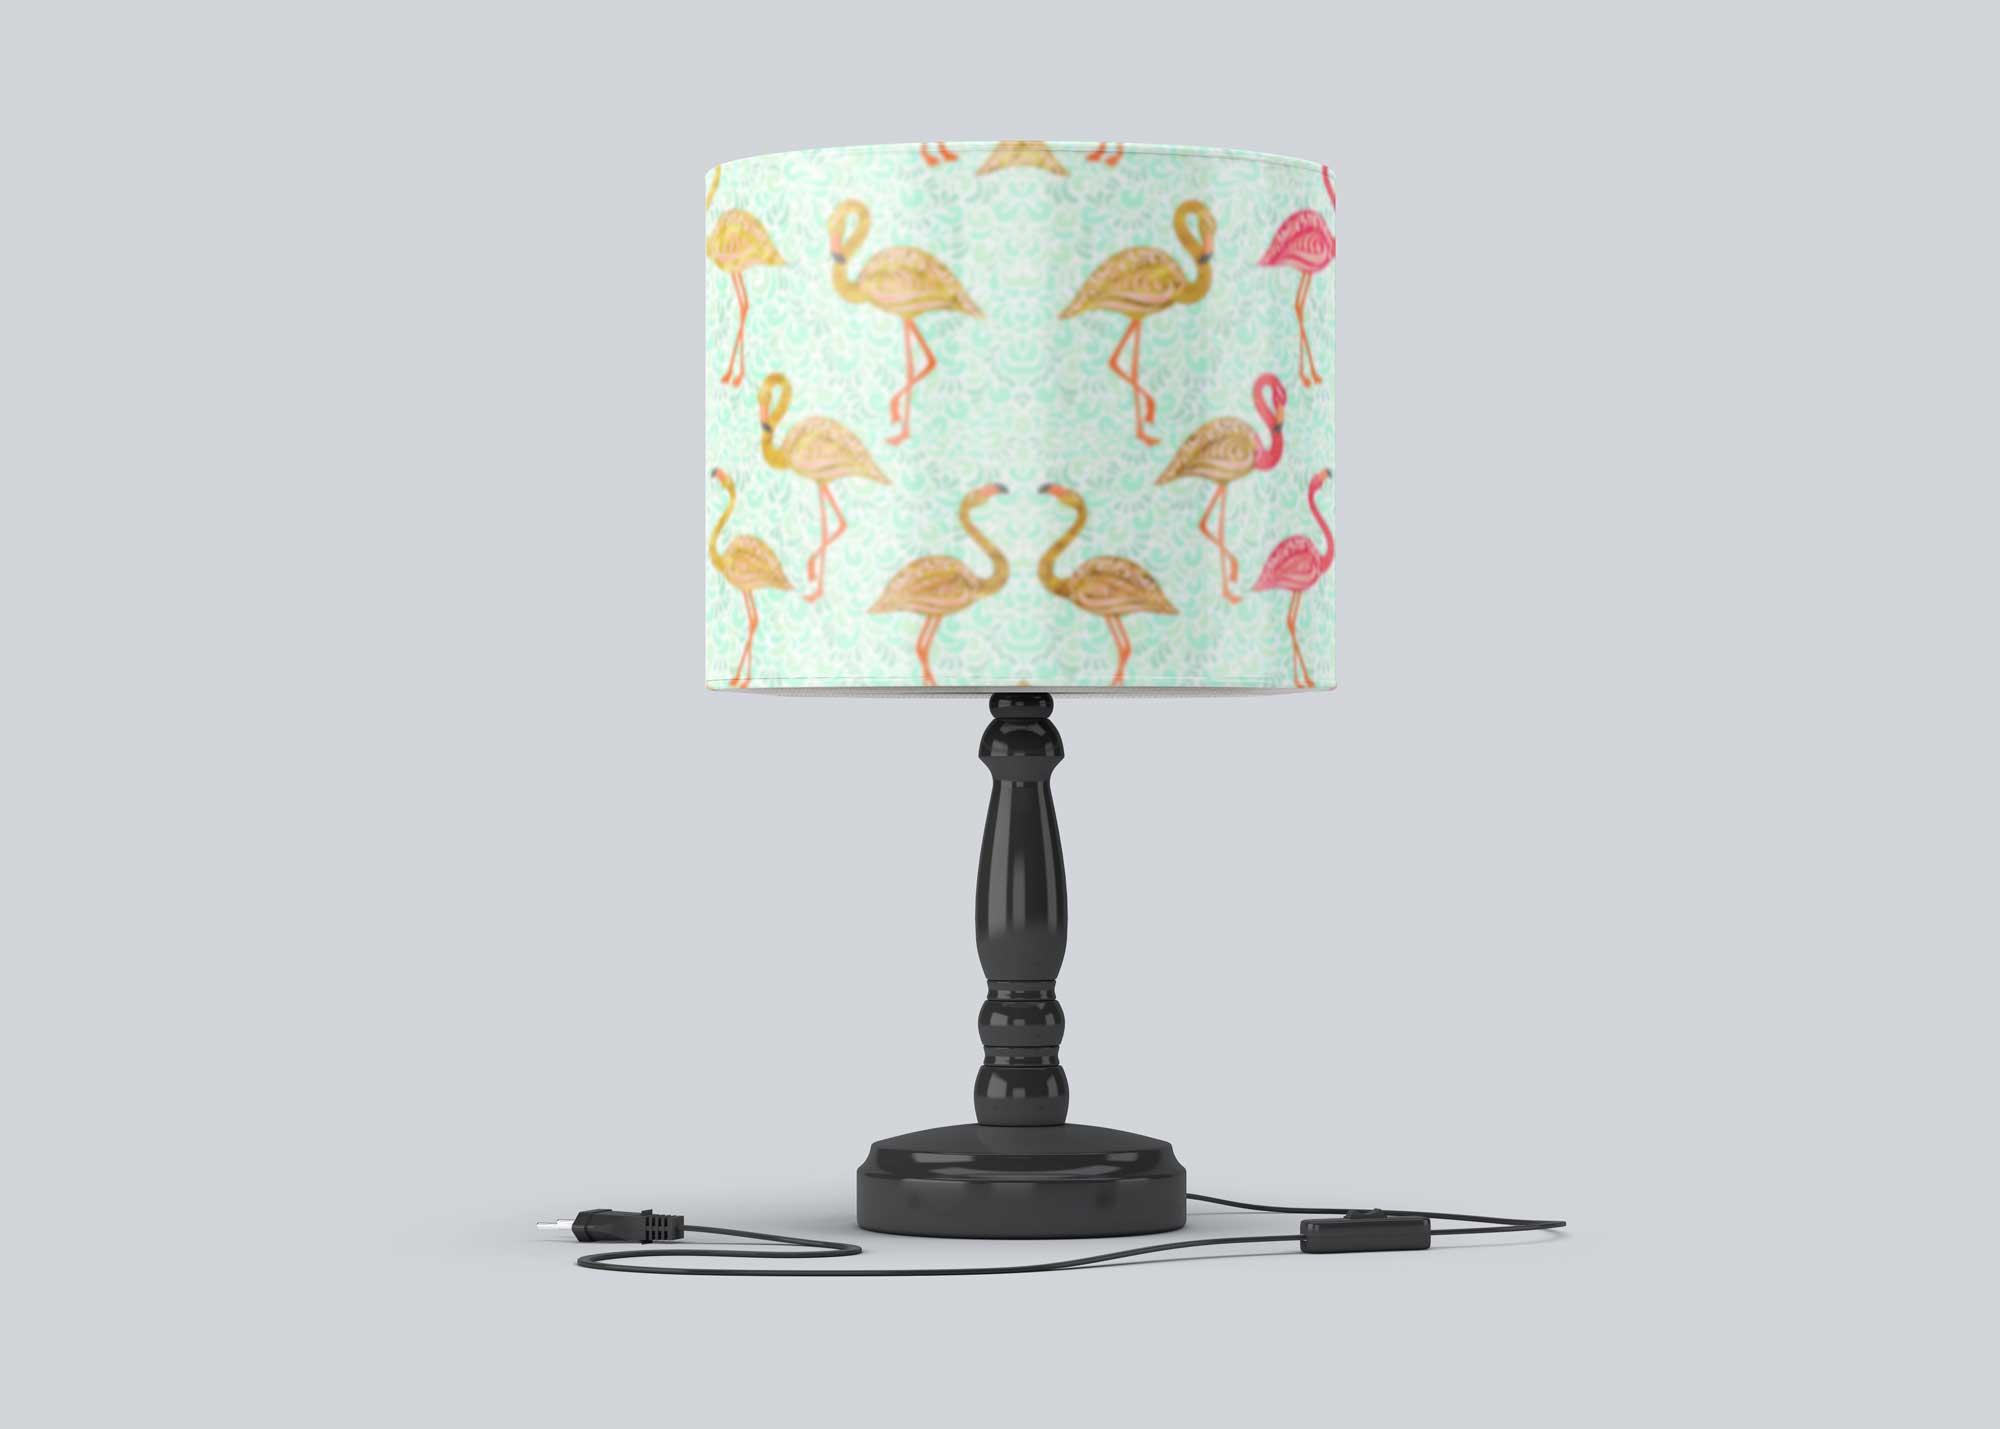 Free Room Lamp Mockup